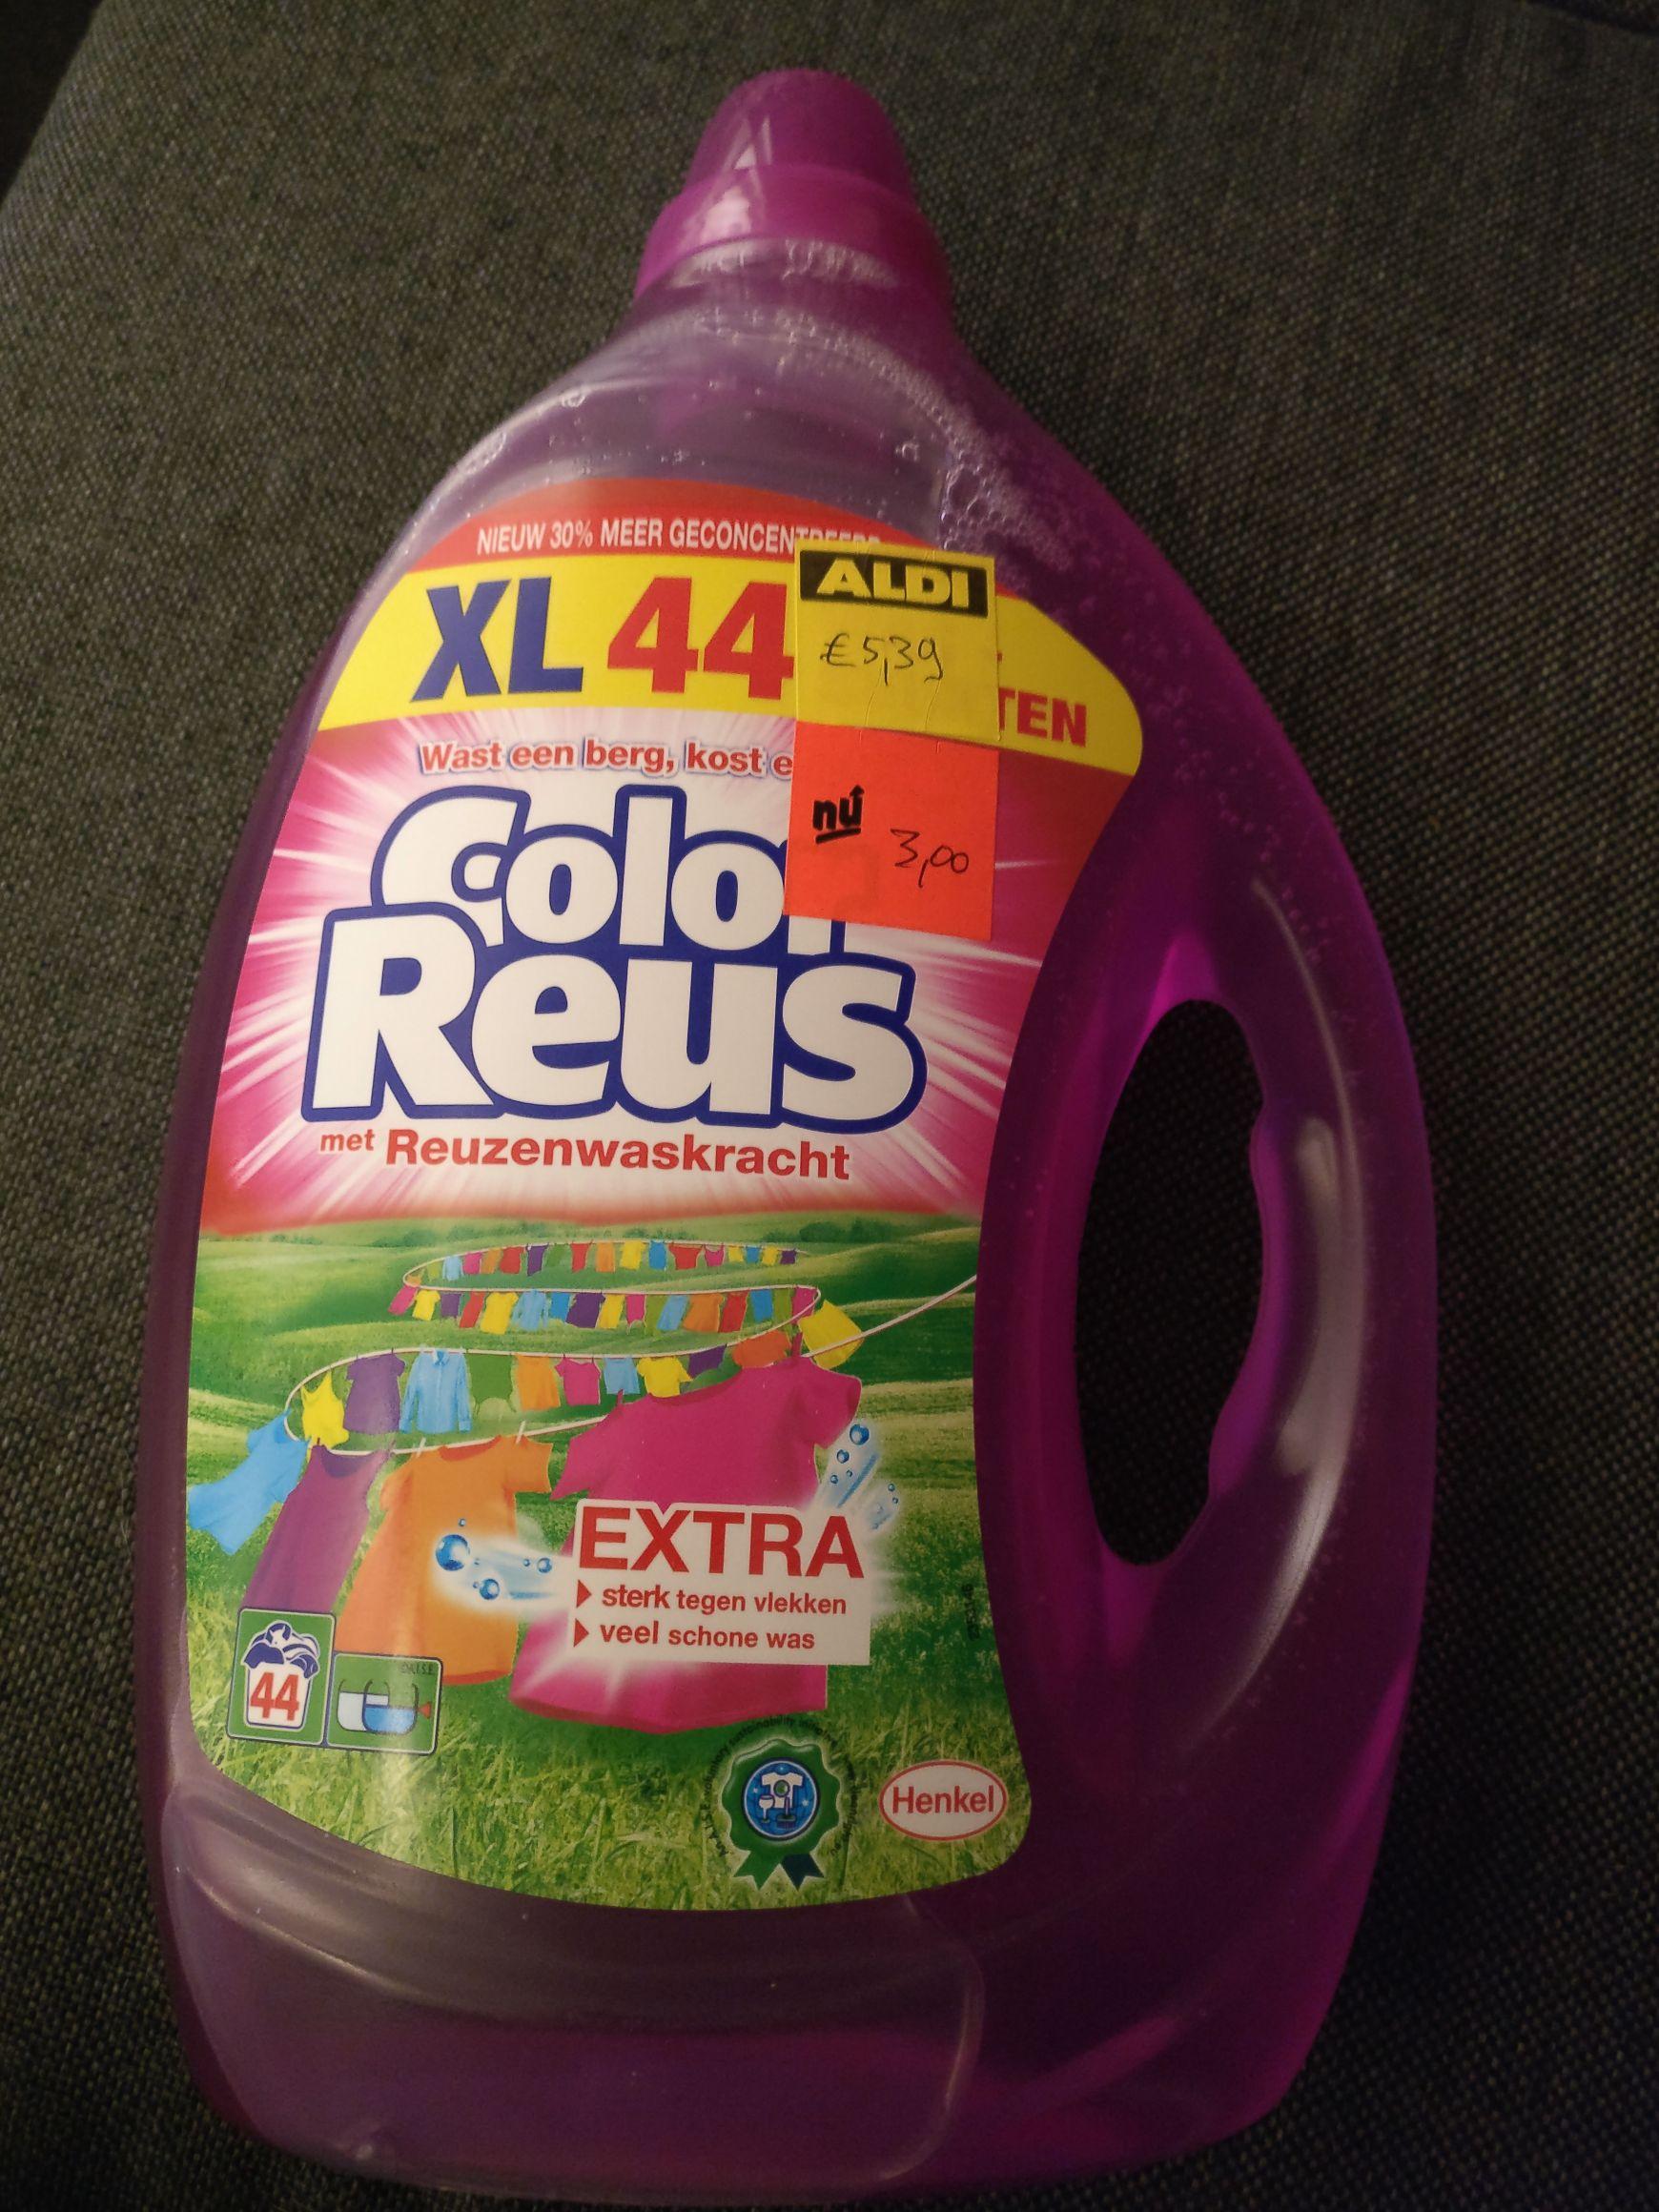 Lokaal? Color reus vloeibaar wasmiddel, 44 wasbeurten voor €3,00!